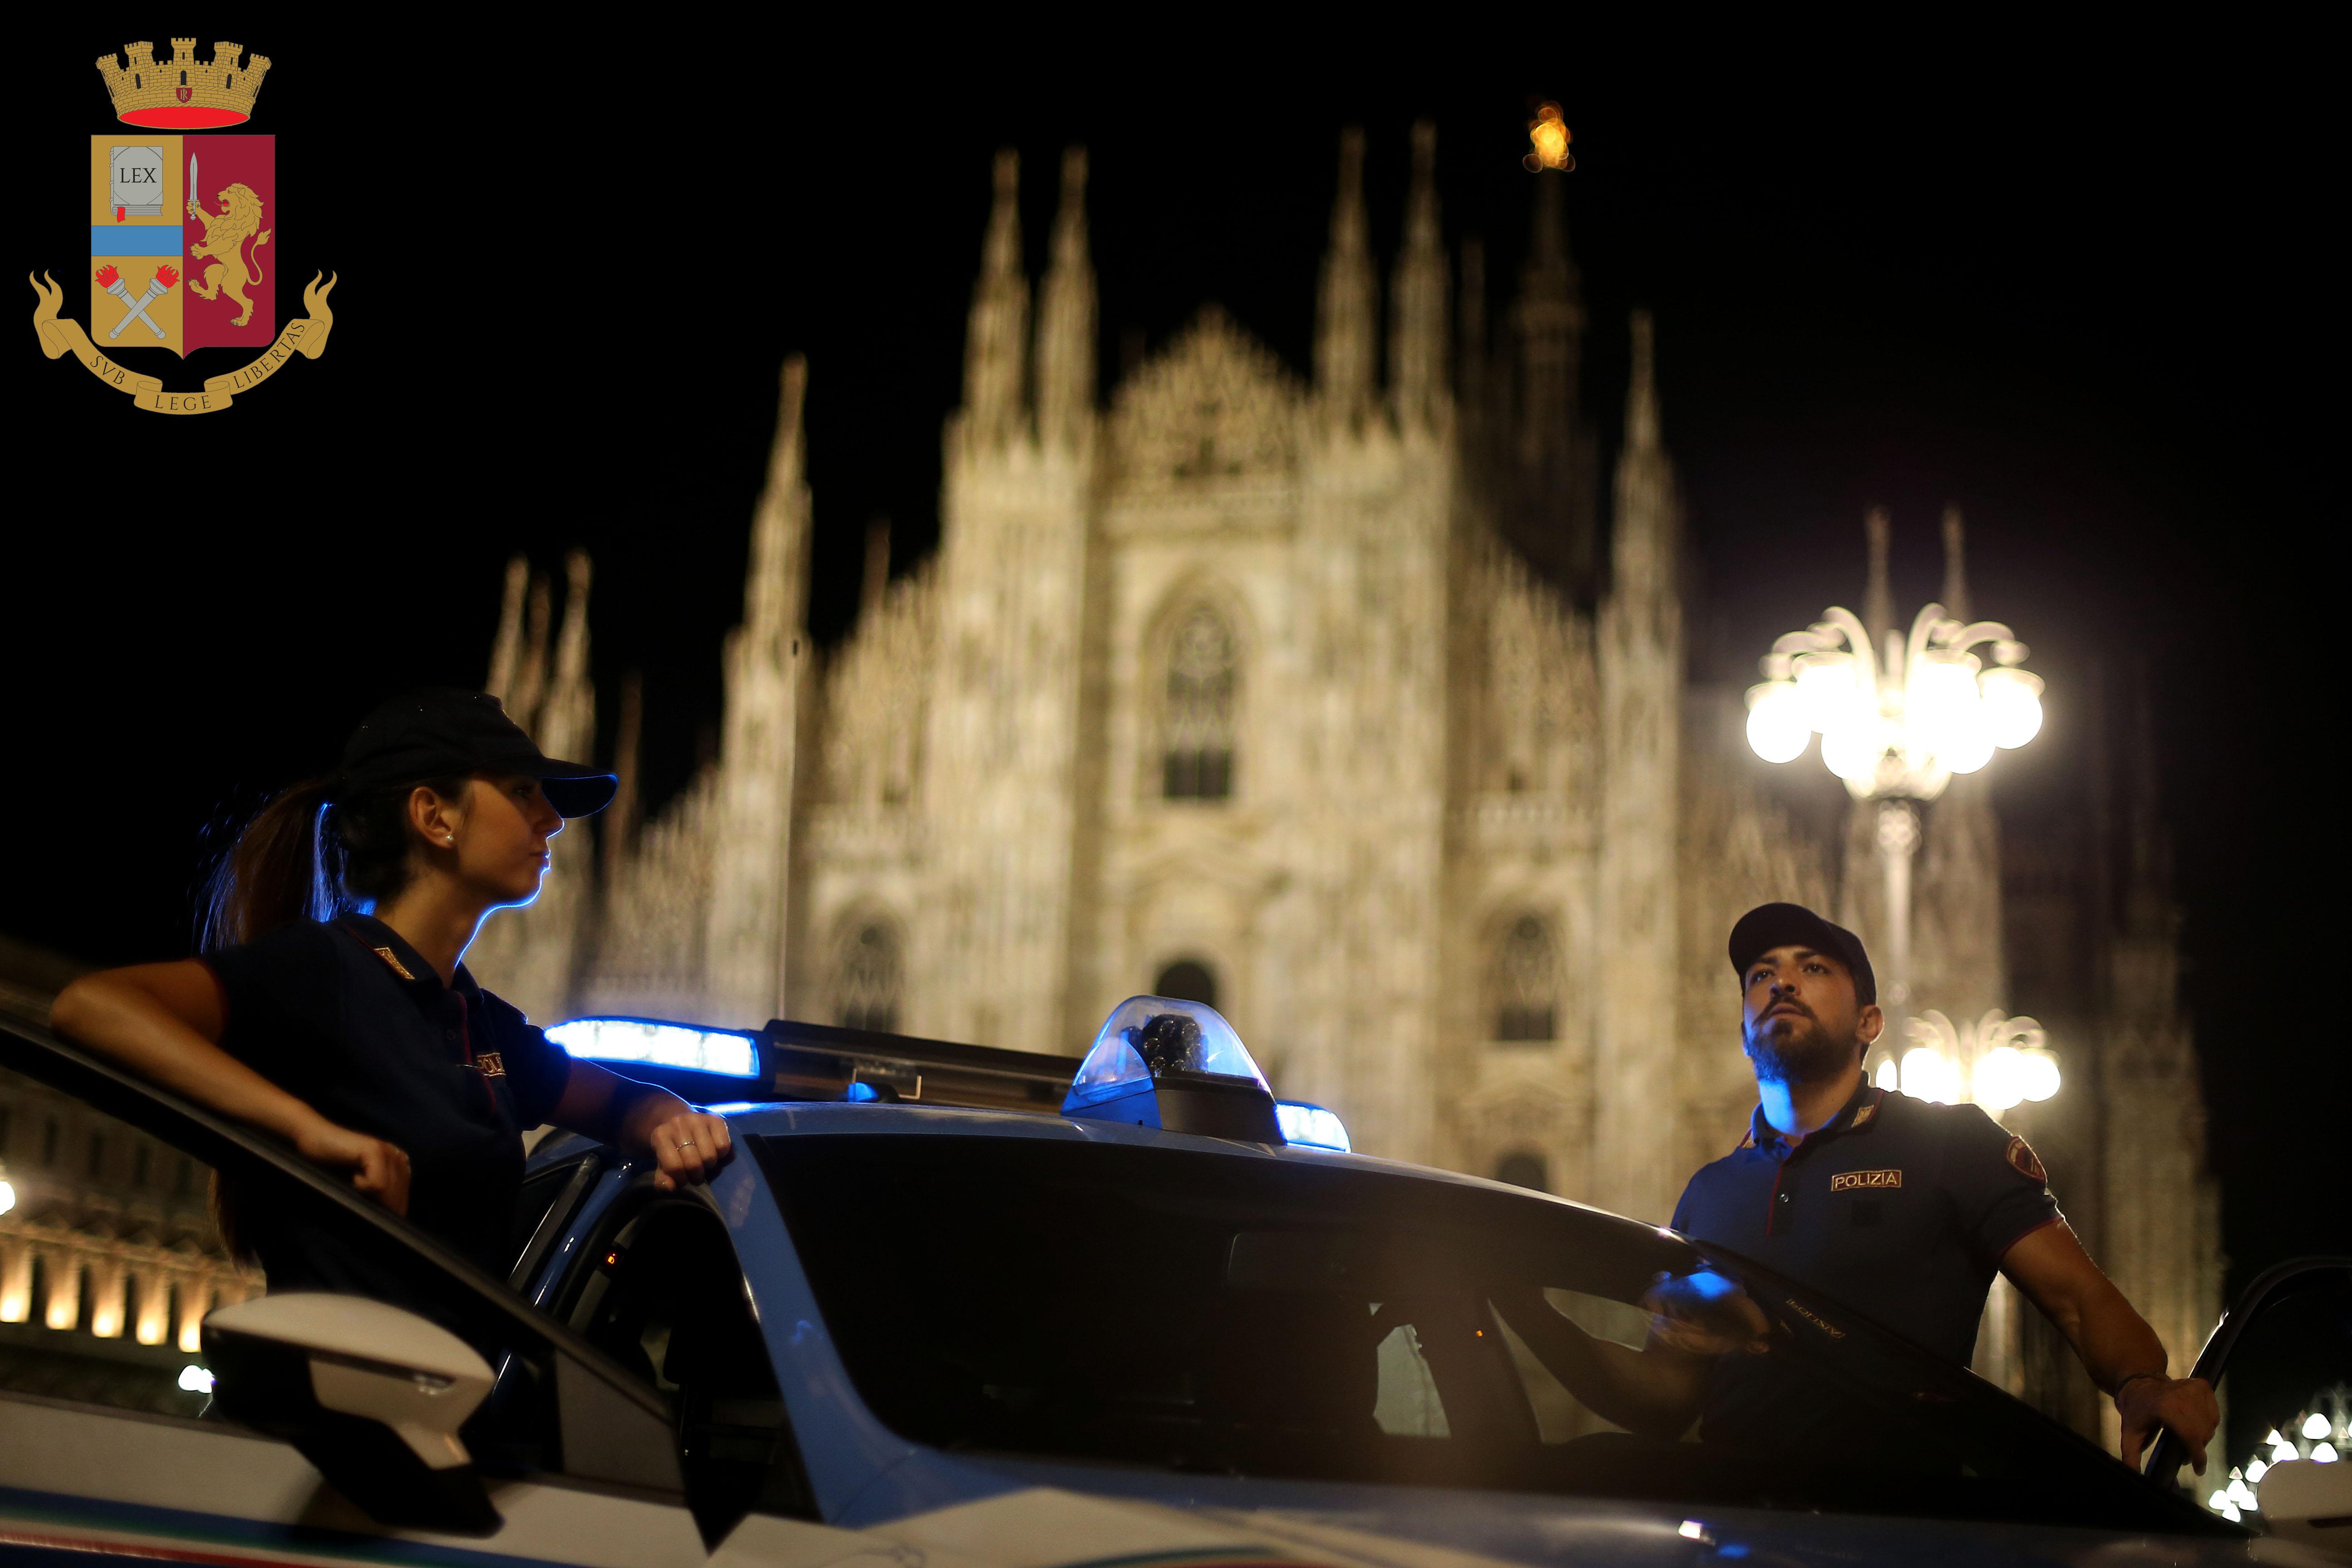 Milano La Polizia Di Stato Arresta Due Ladri